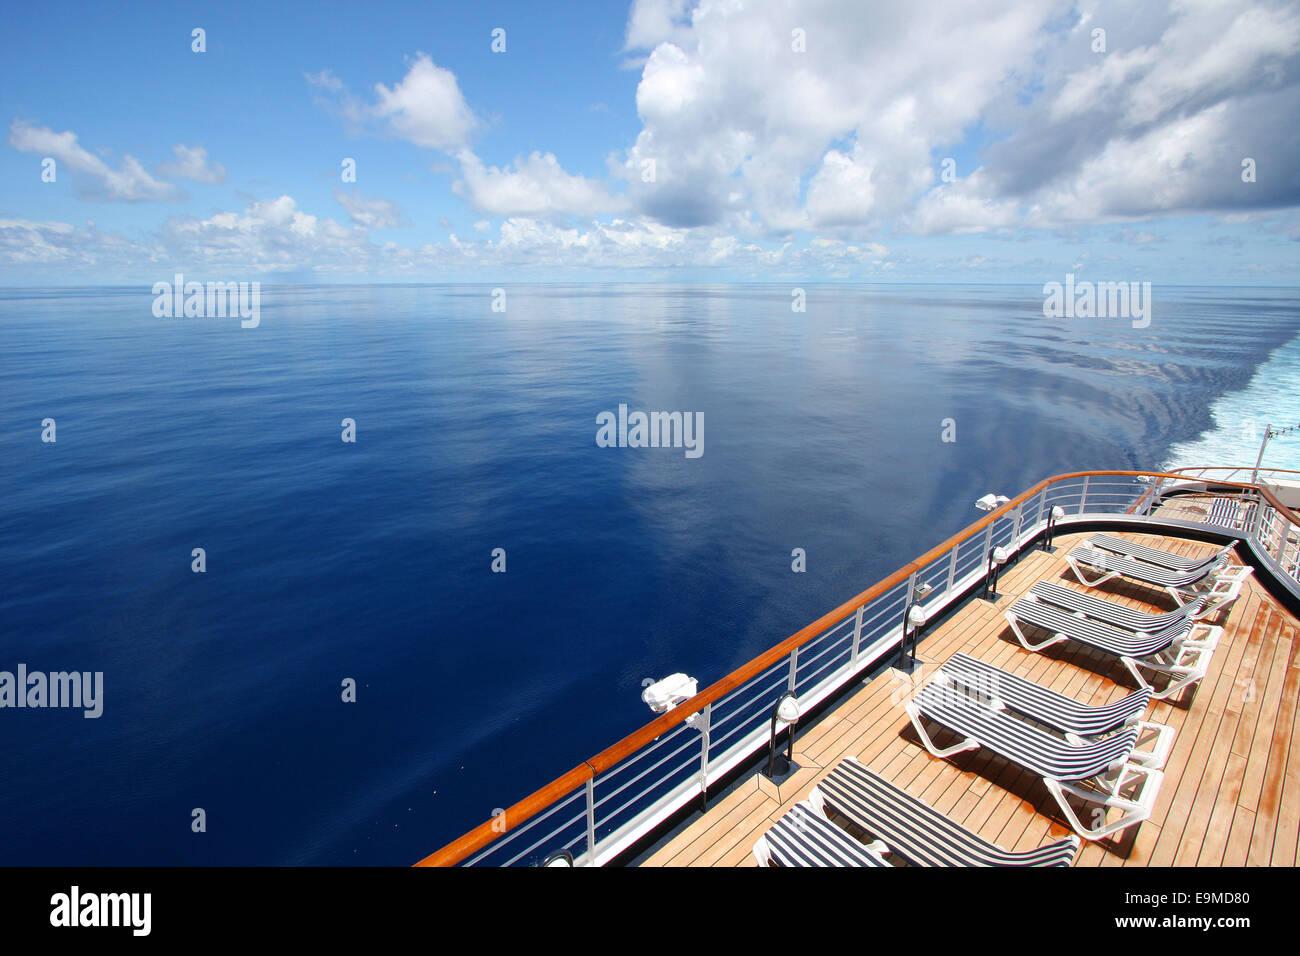 Kreuzfahrtschiff fährt über eine schöne ruhige Meer. Liegestühle ...